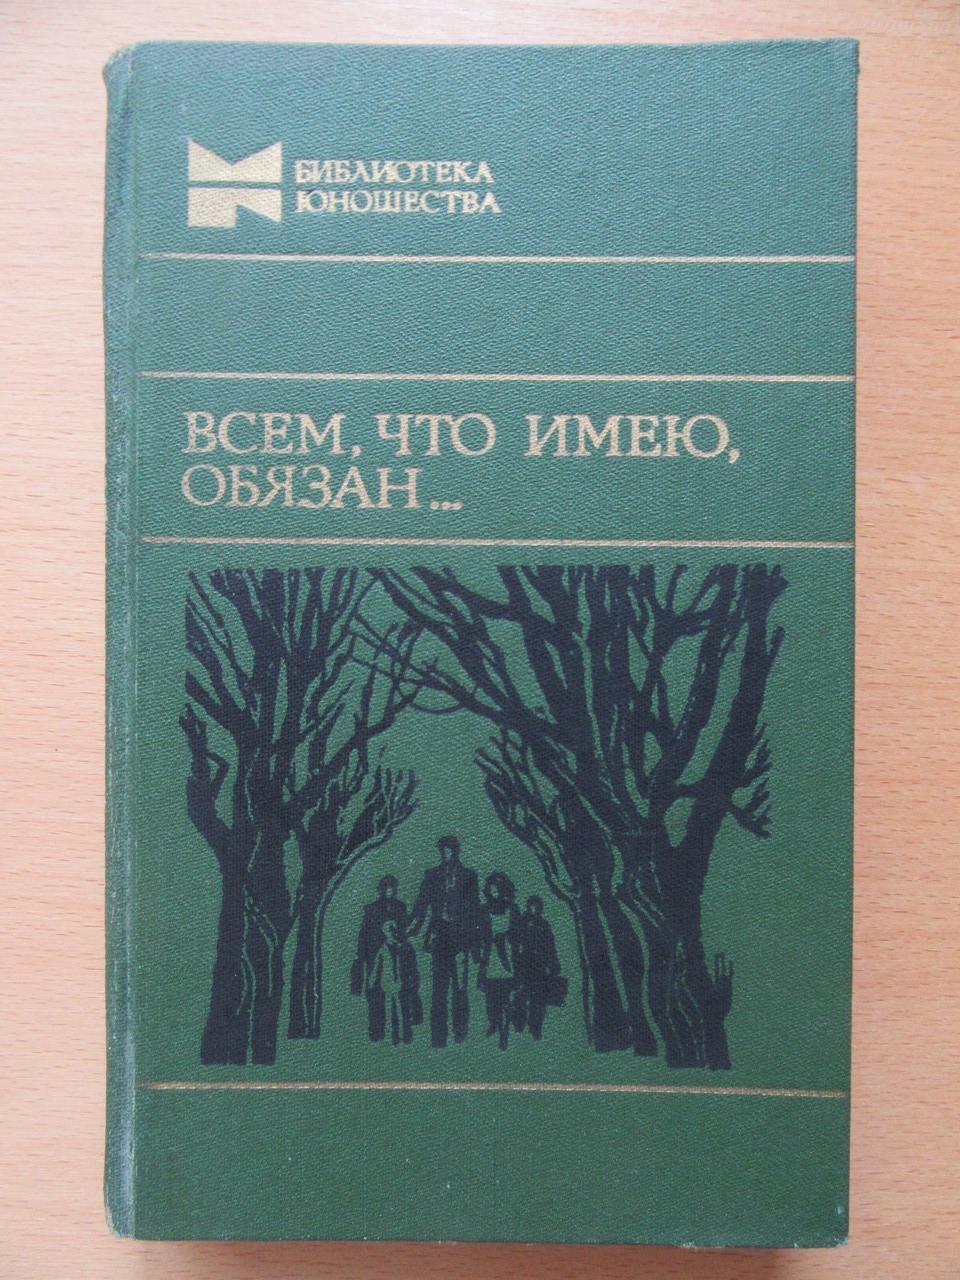 Сборник. Всем, что имею, обязан. Библиотека юношества (В.Астафьев, В.Белов, Ю.Бондарев, В.Распутин)